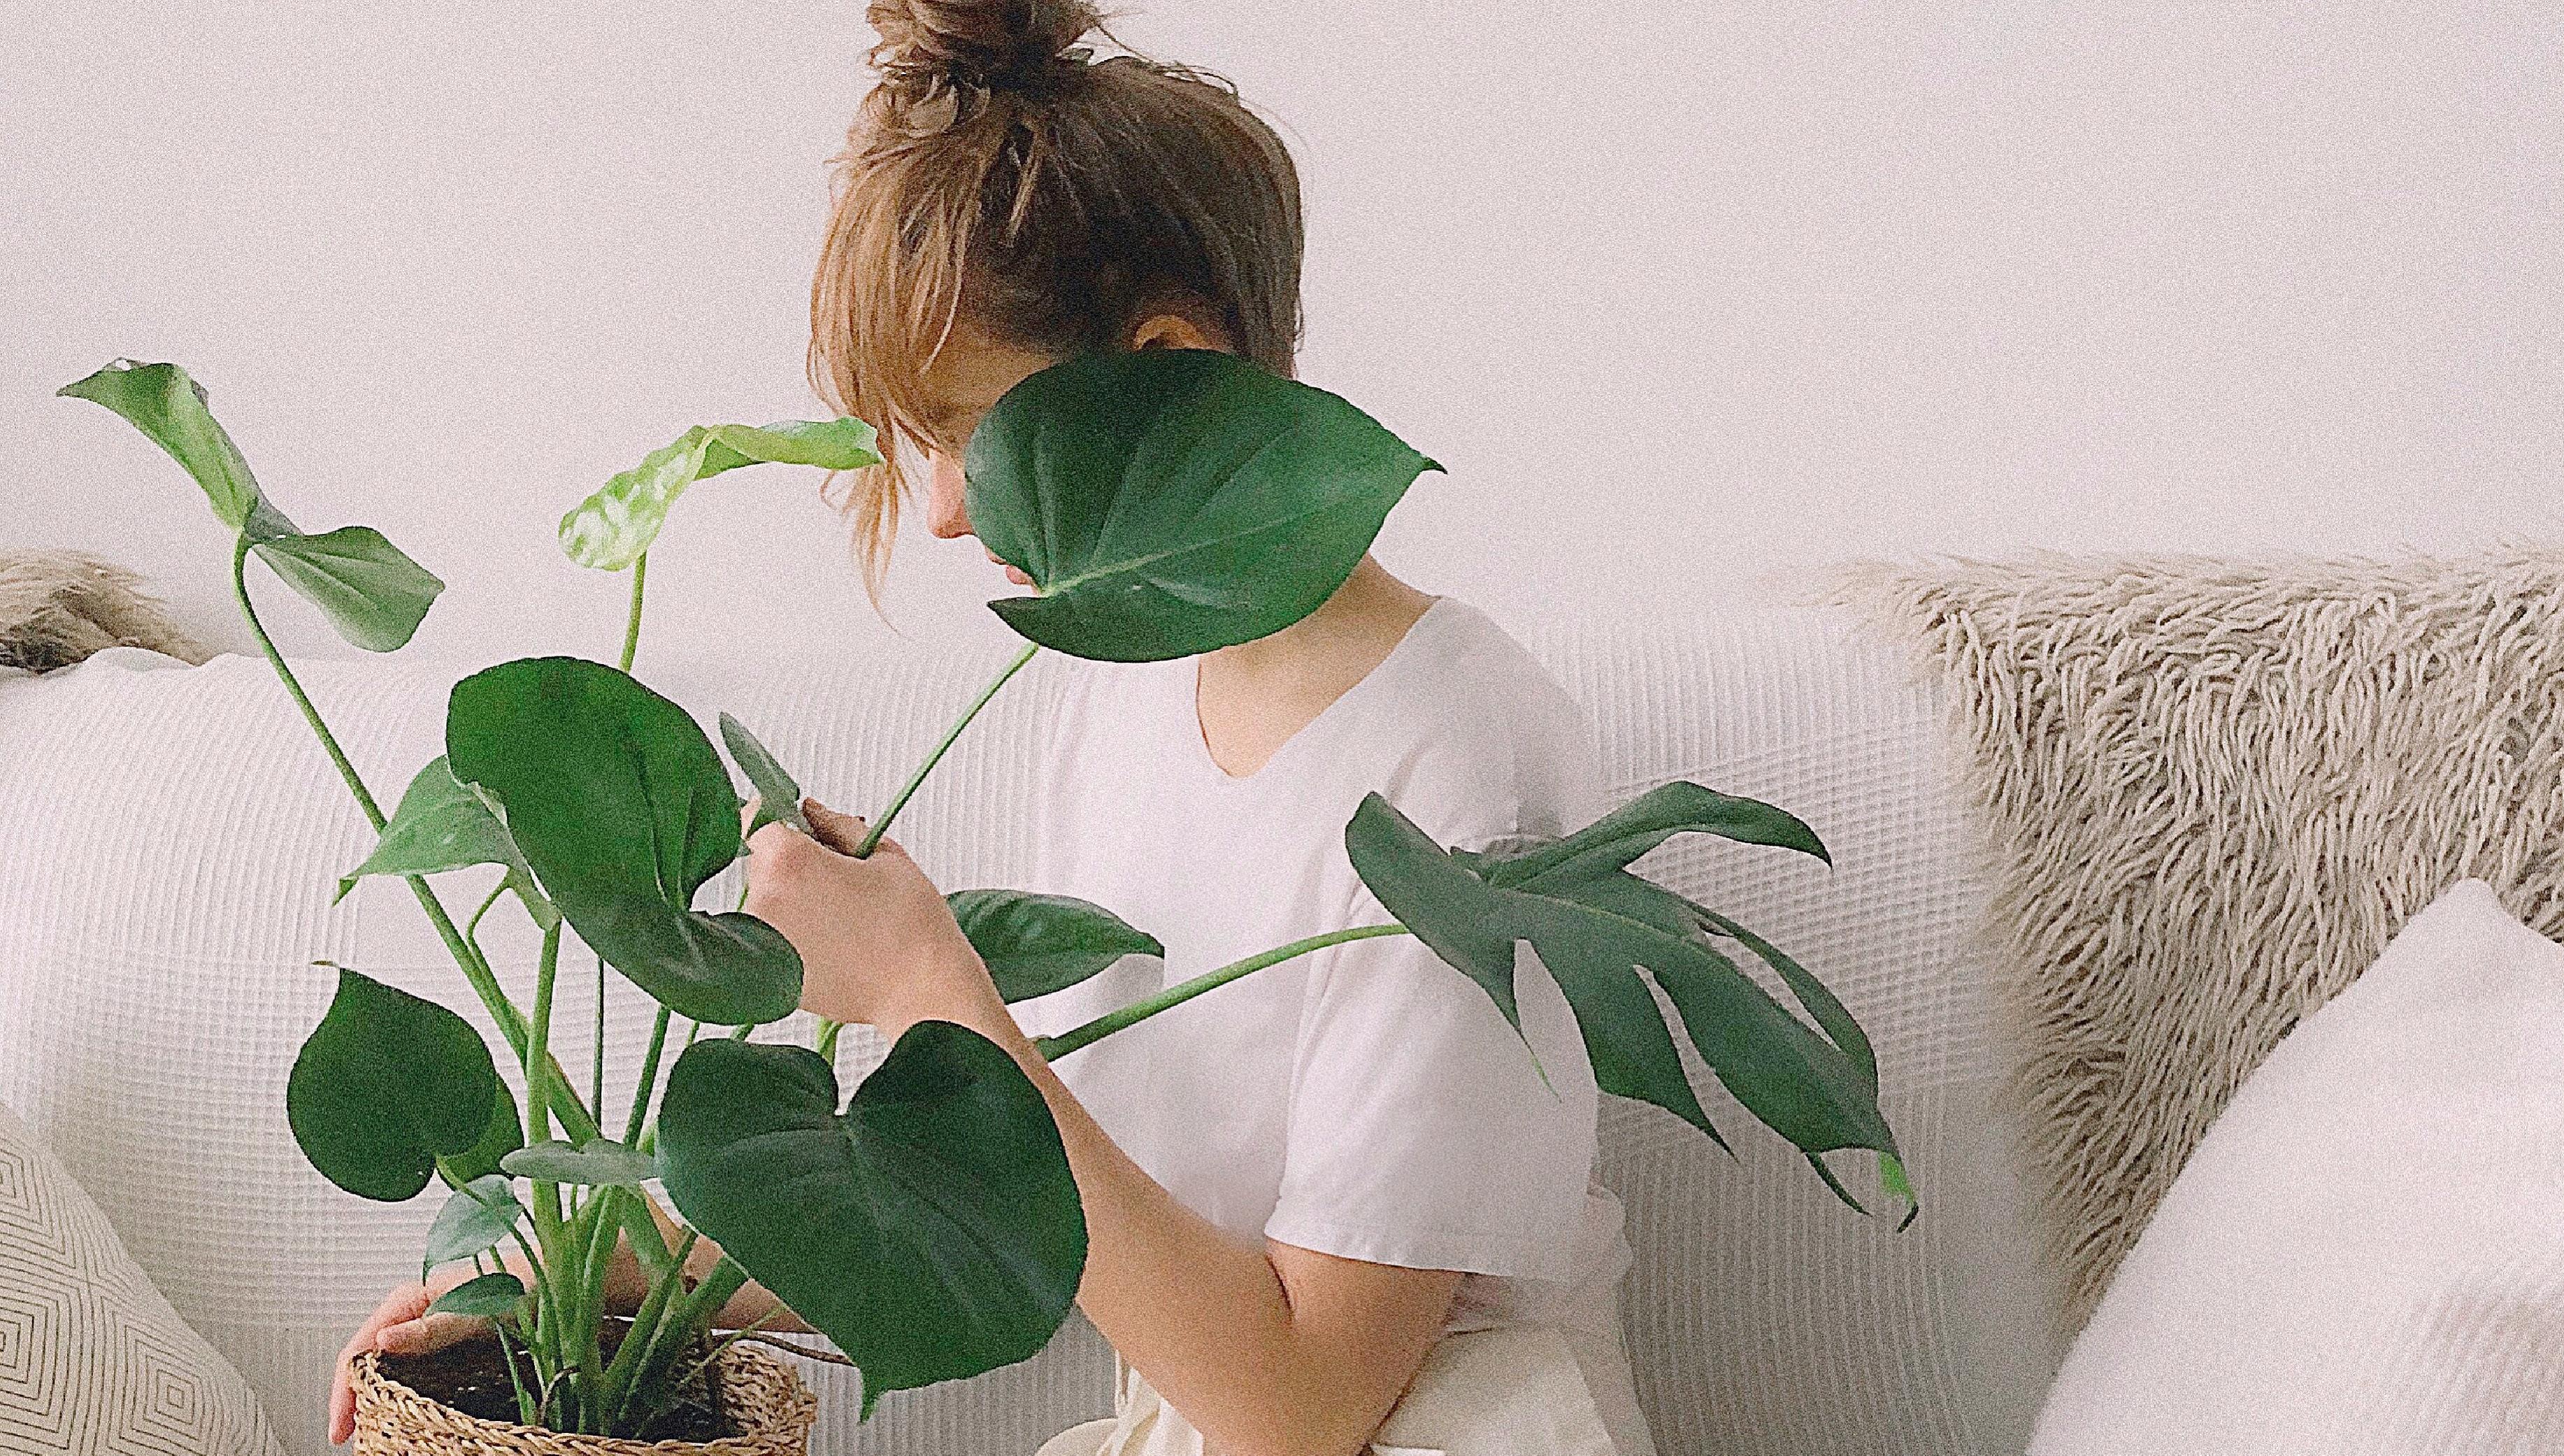 Sobne rastline - čistilci zraka v vašem domu